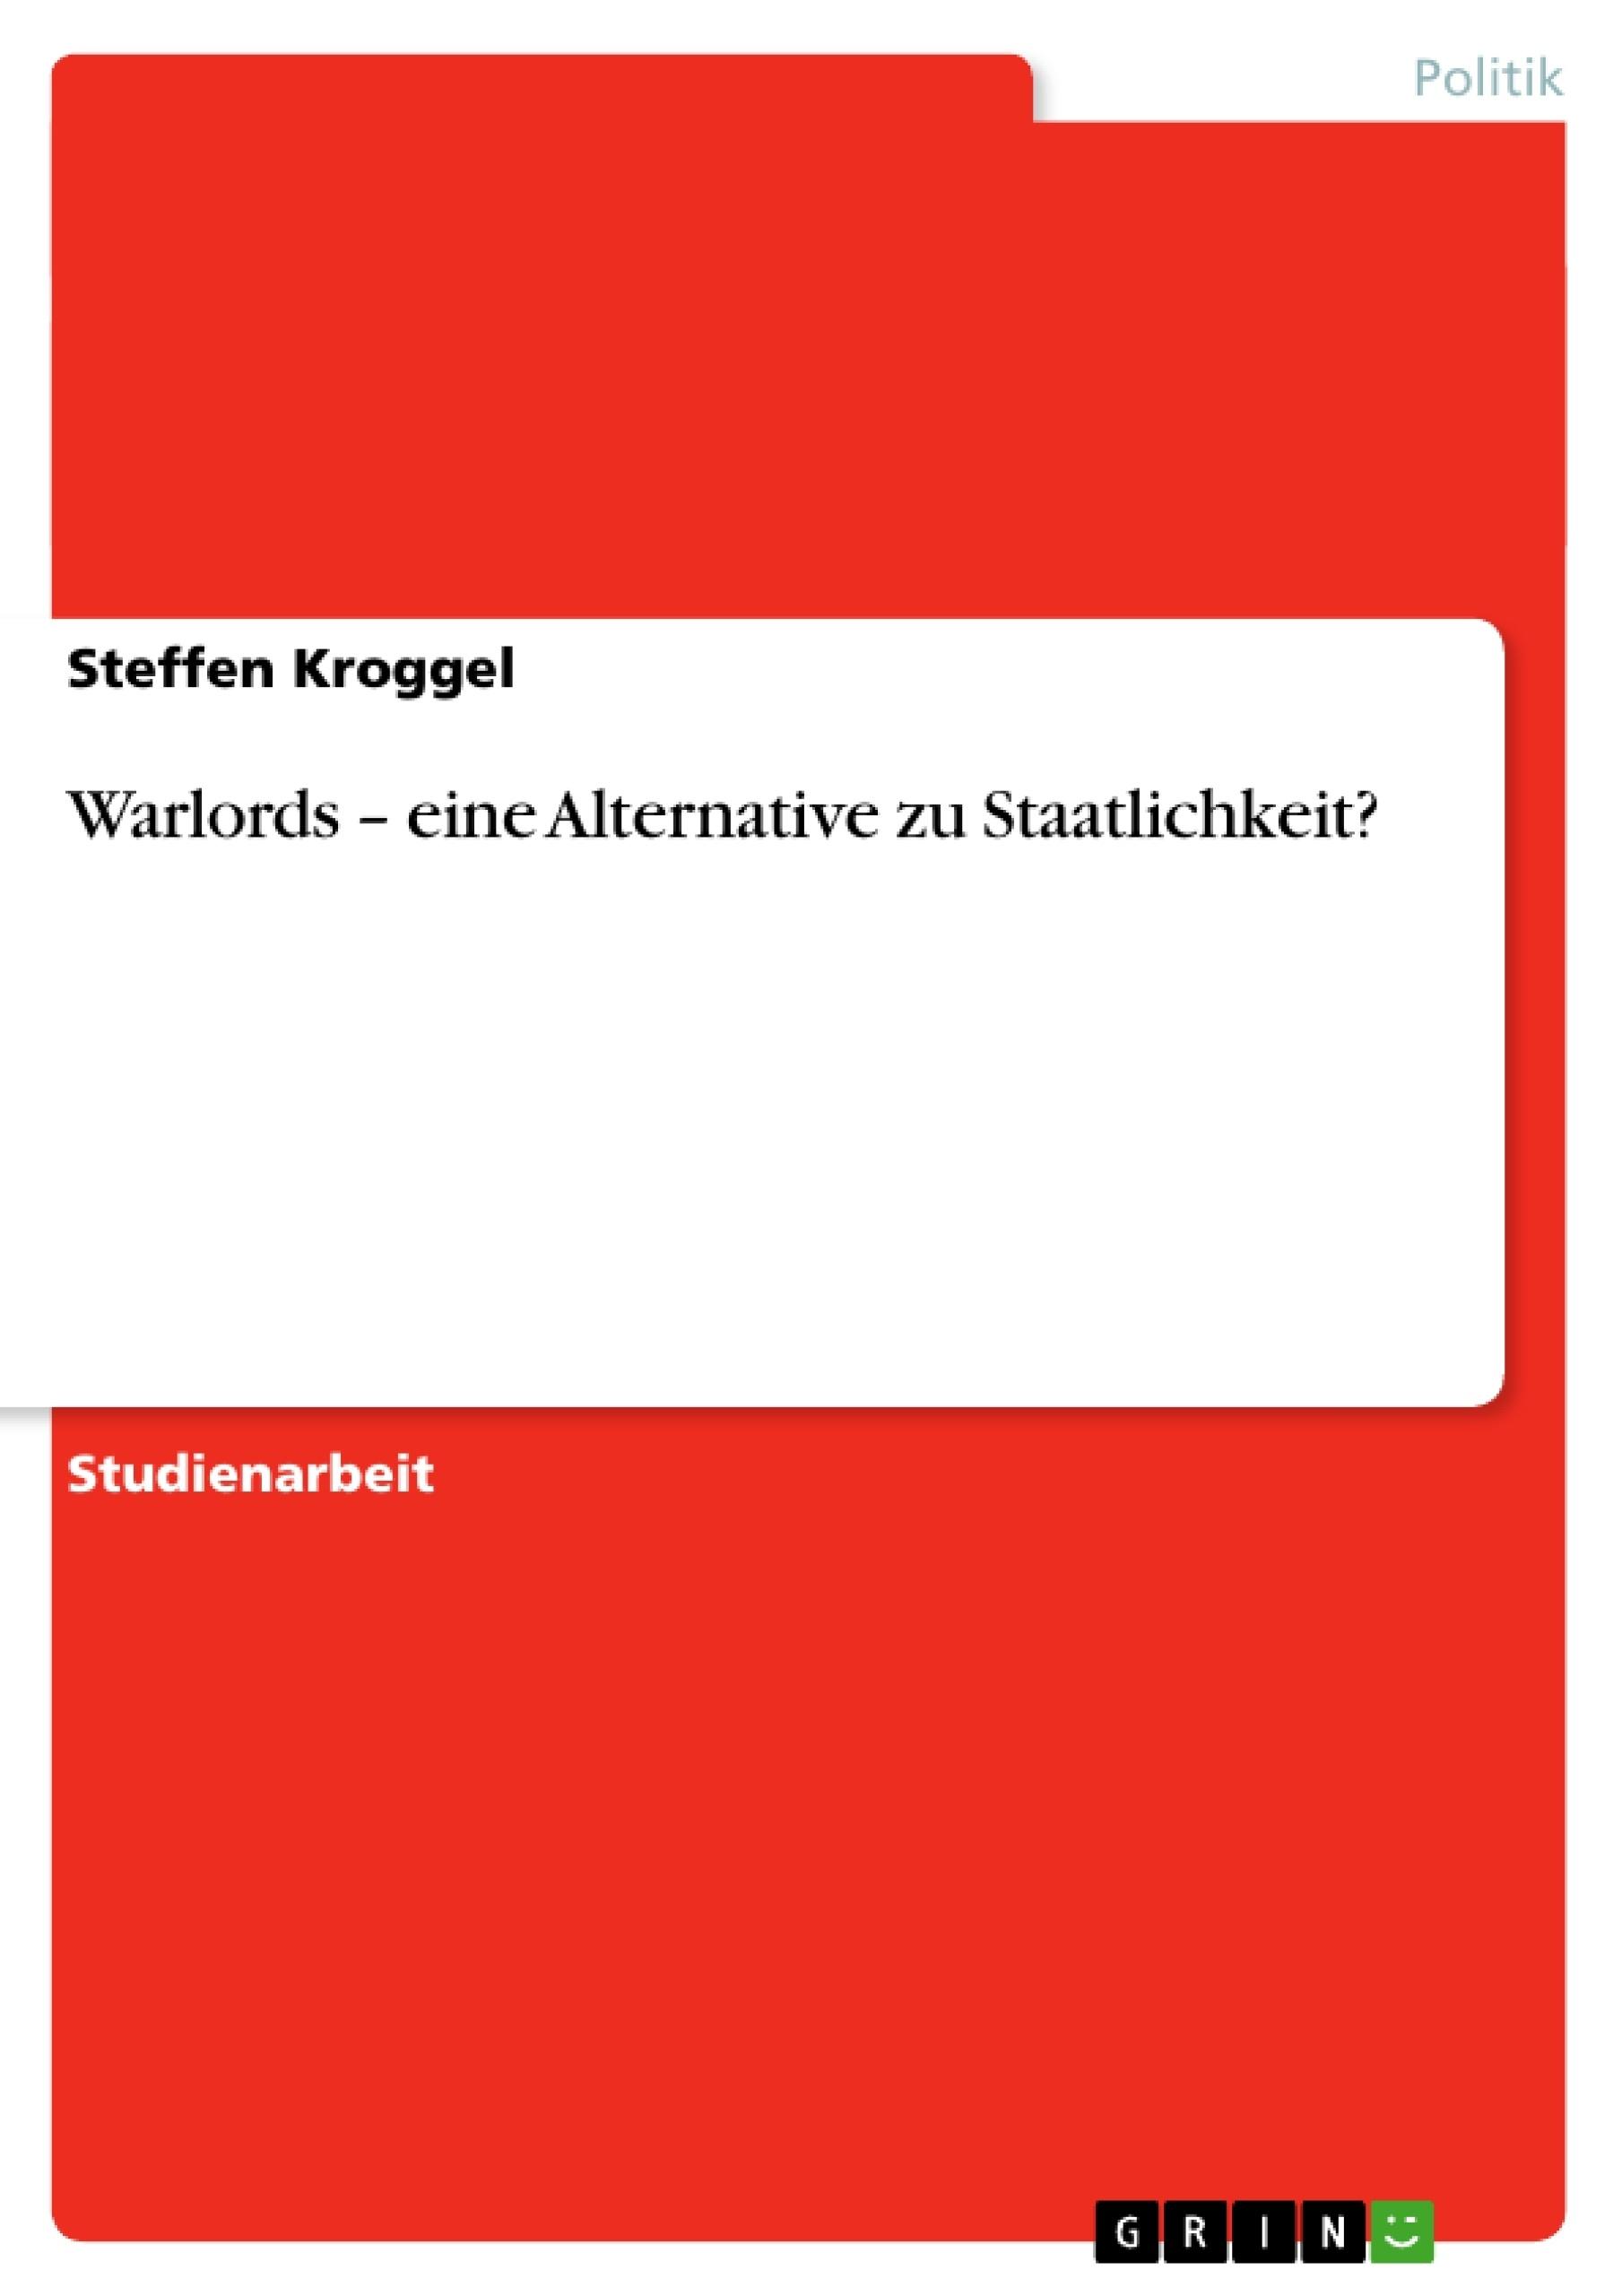 Titel: Warlords – eine Alternative zu Staatlichkeit?